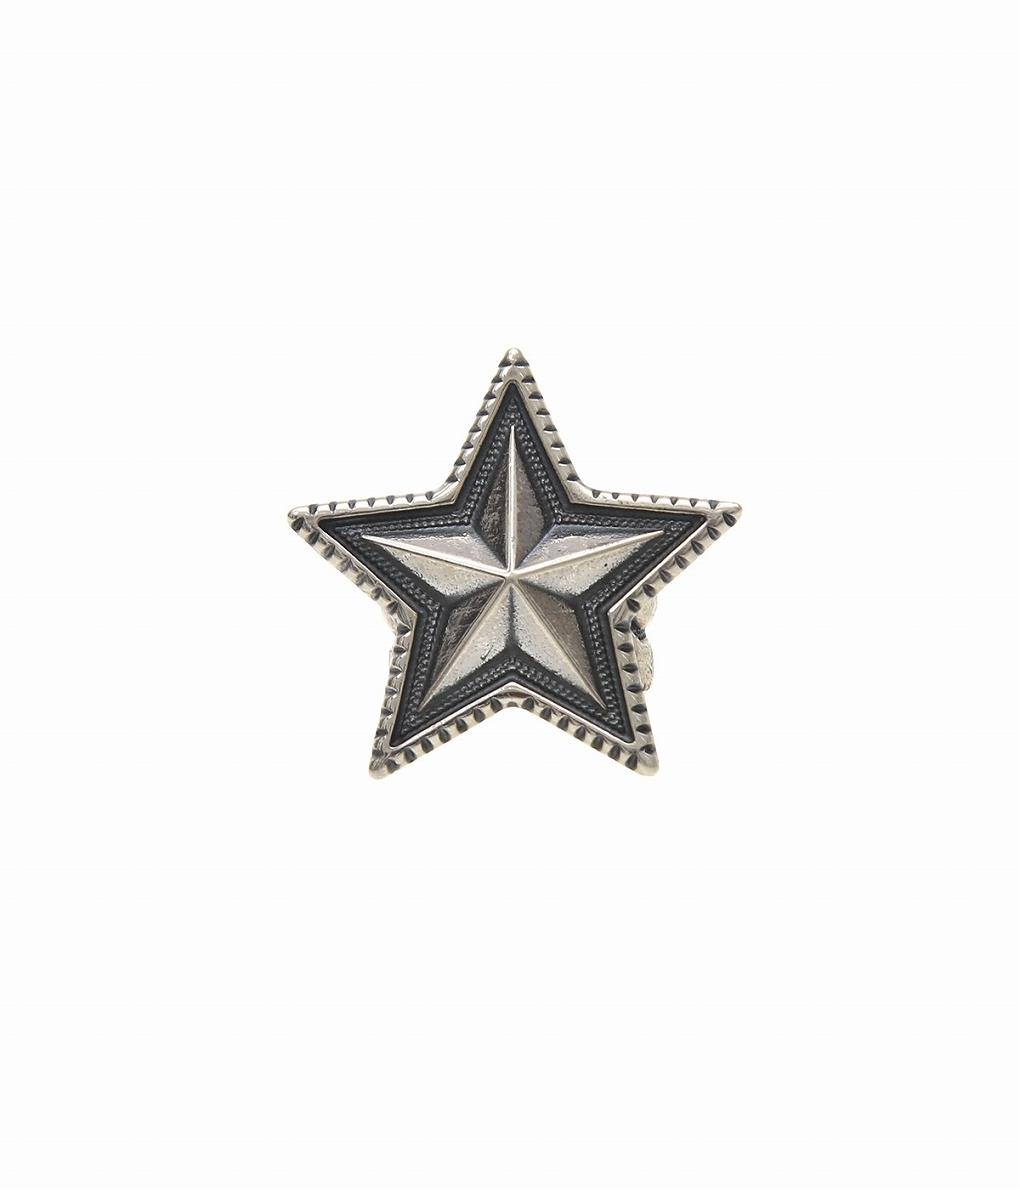 【アウトレットキャンペーン!】CODY SANDERSON / コディ サンダーソン : Big Star -リング- : コディ サンダーソン バングル シルバー アクセサリー : C2-01-006 【RIP】【BJB】